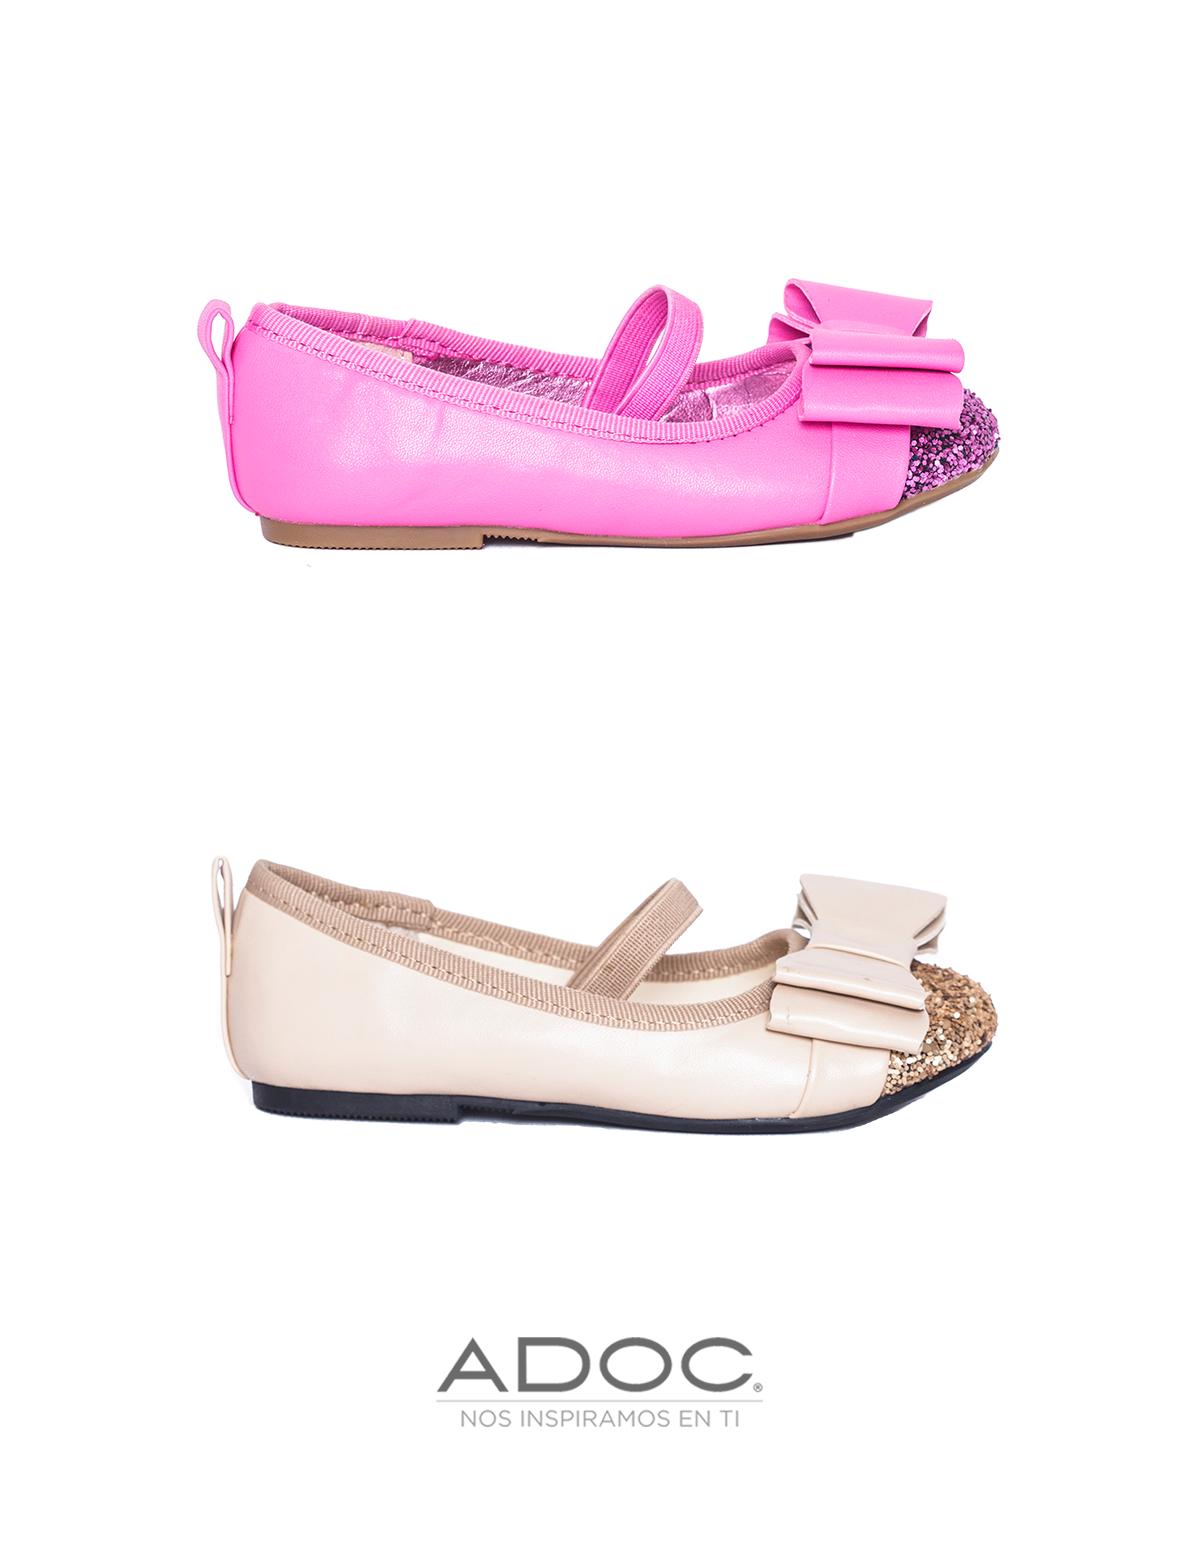 1df5db60fec Zapatos Lailaz para niña disponibles en tiendas ADOC de Centroamérica.  Tallas disponibles de la 5-10